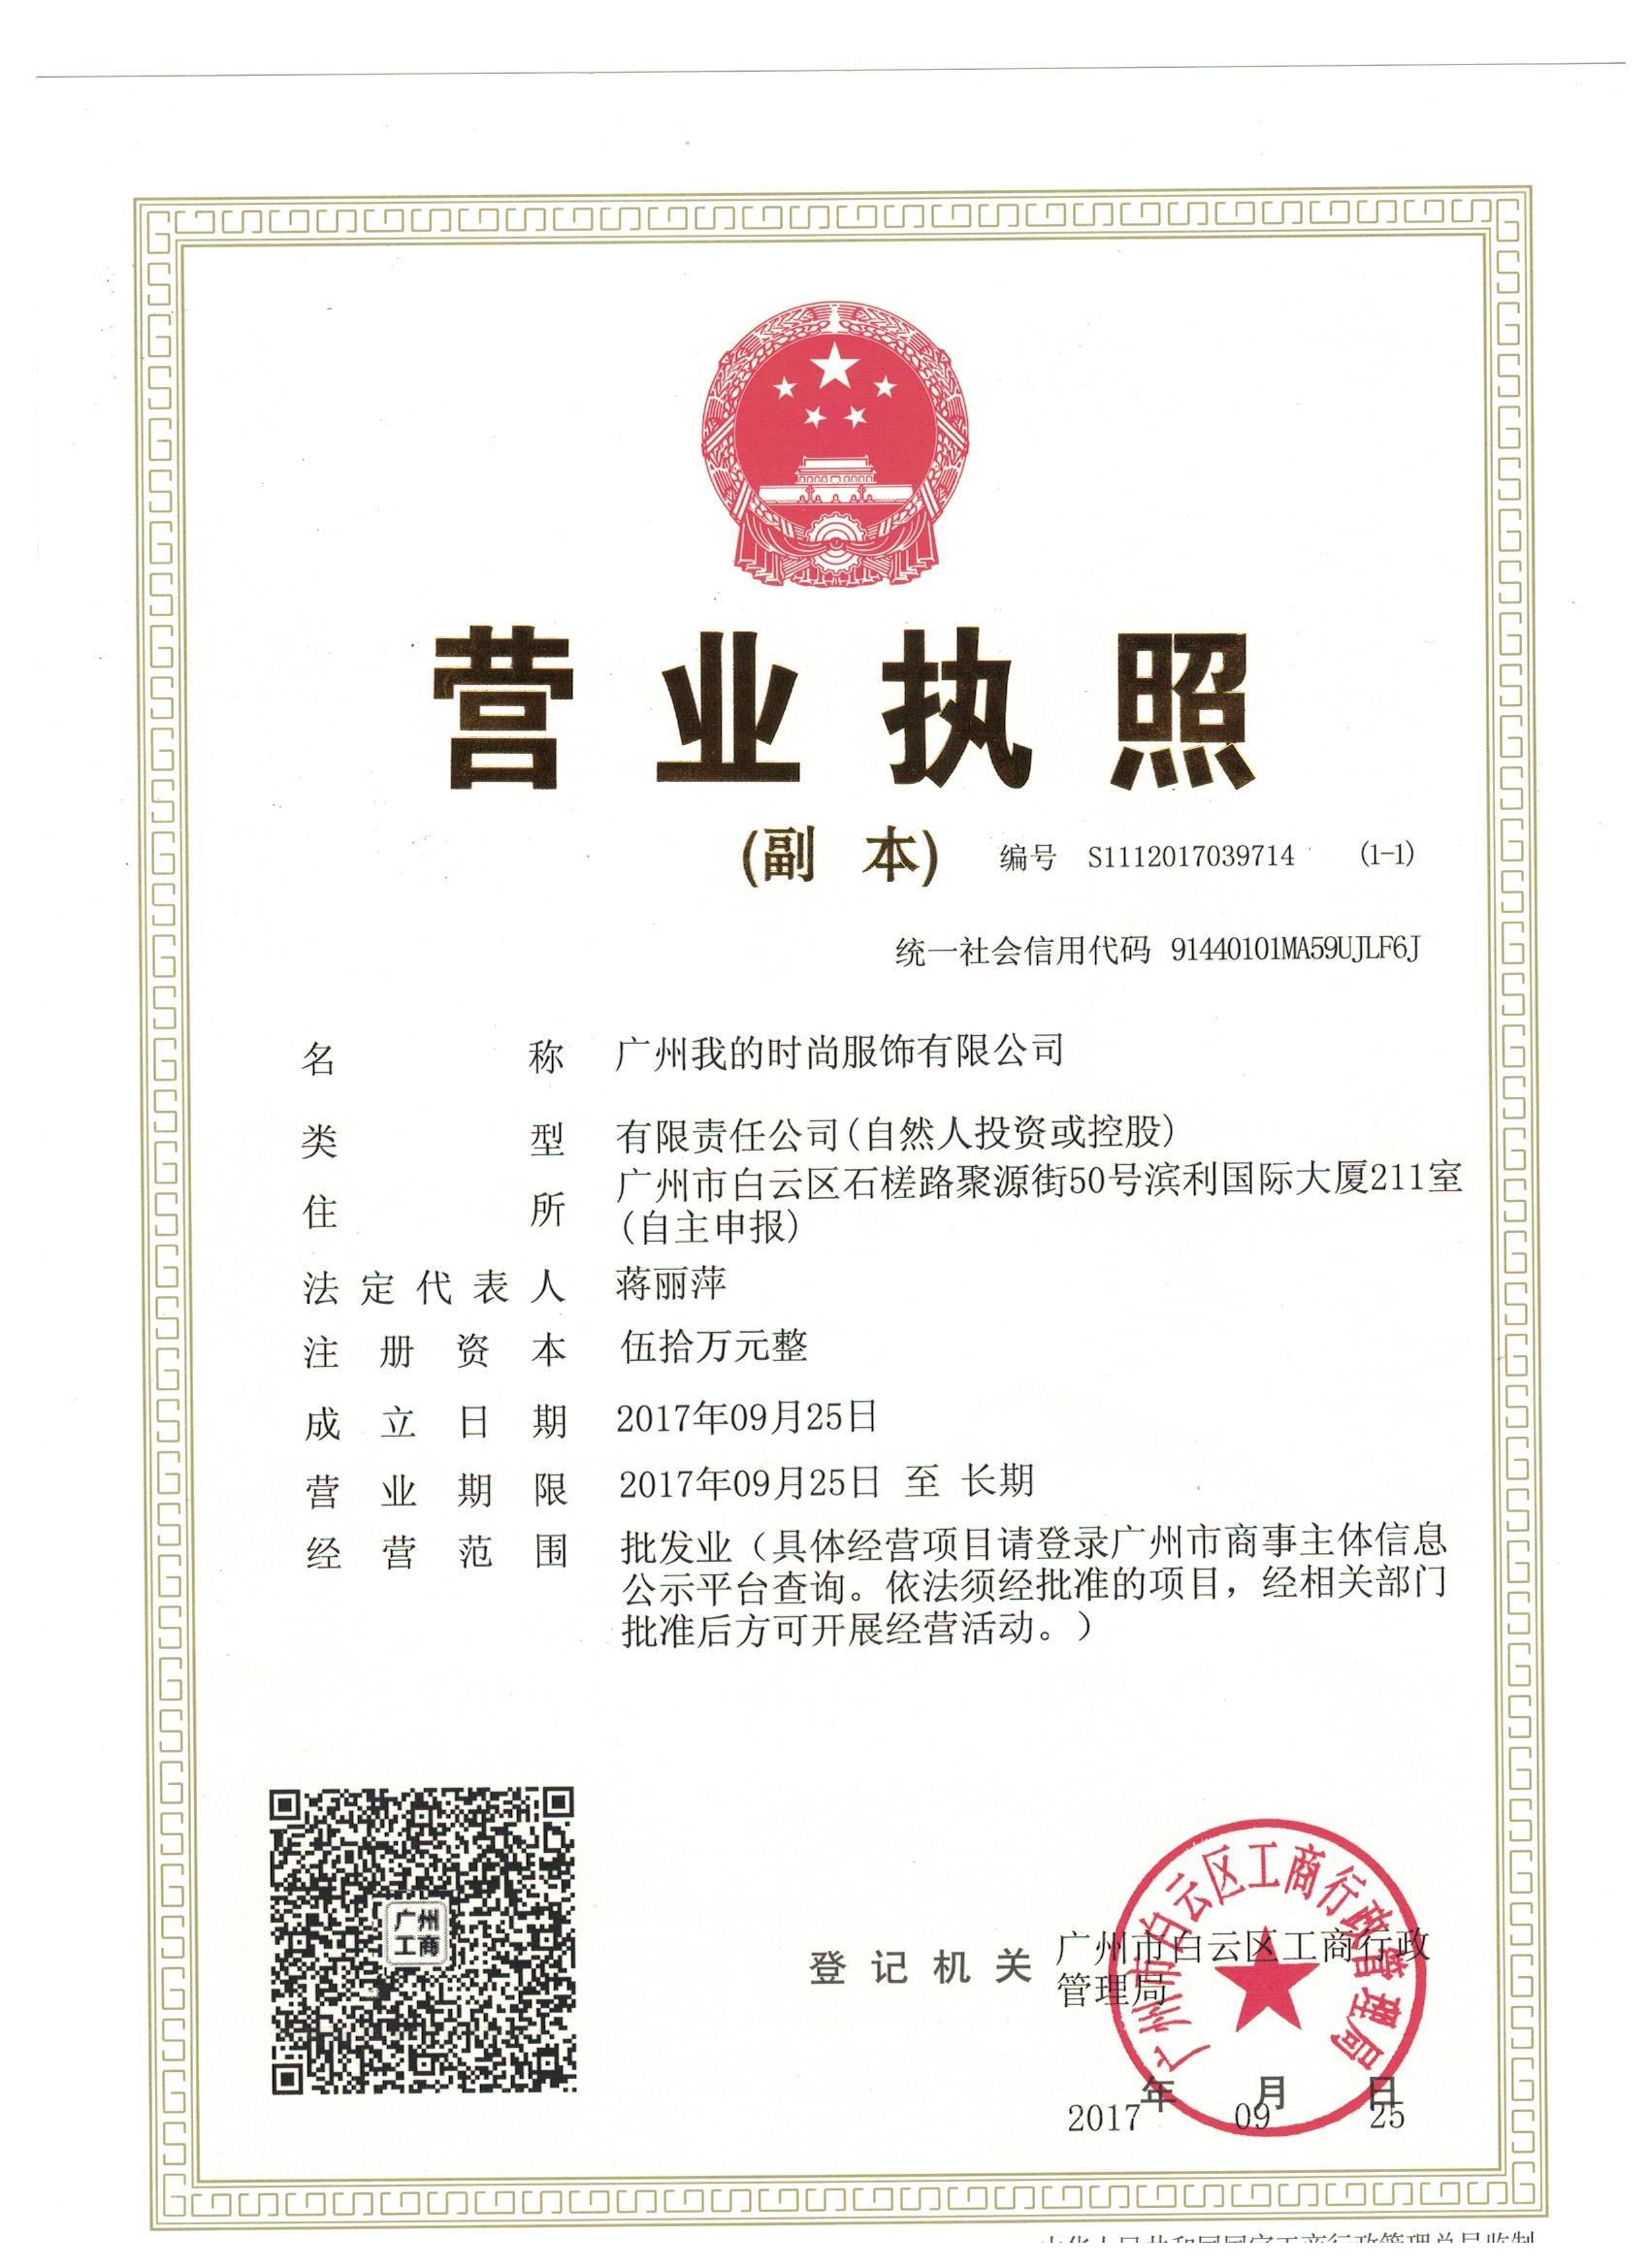 广州我的时尚服饰有限公司企业档案